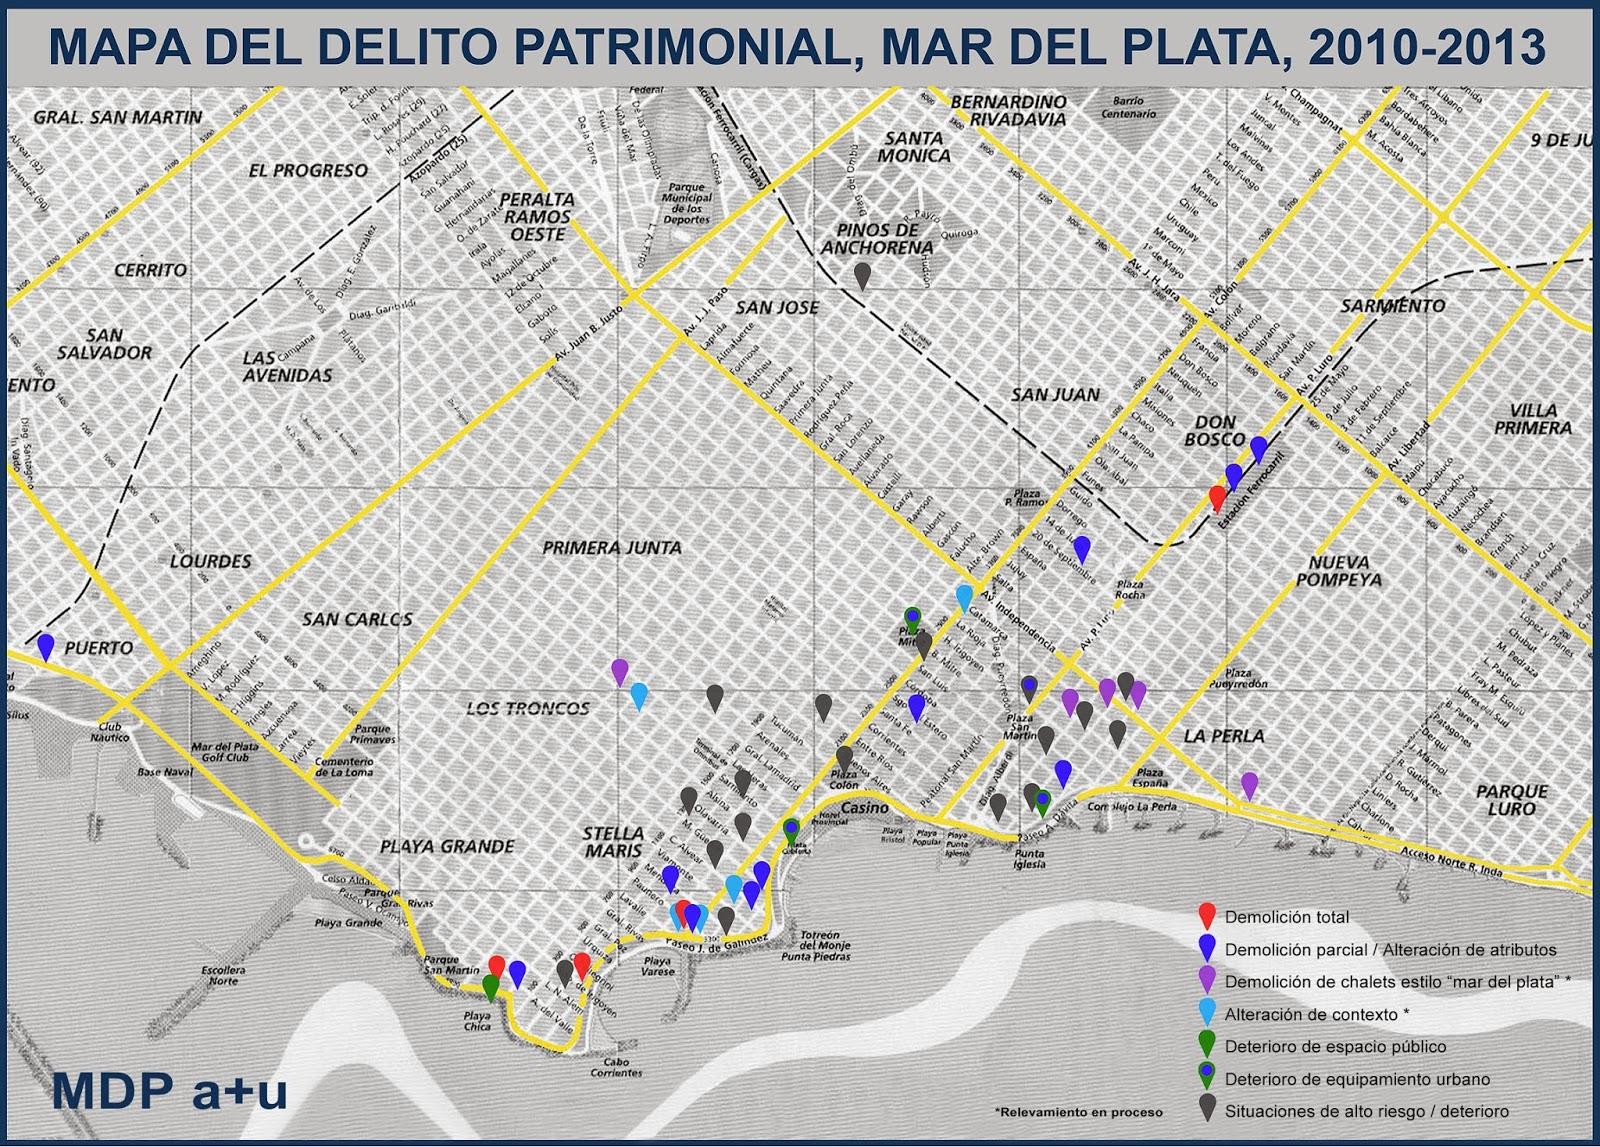 MAPA DEL DELITO 2010-2013